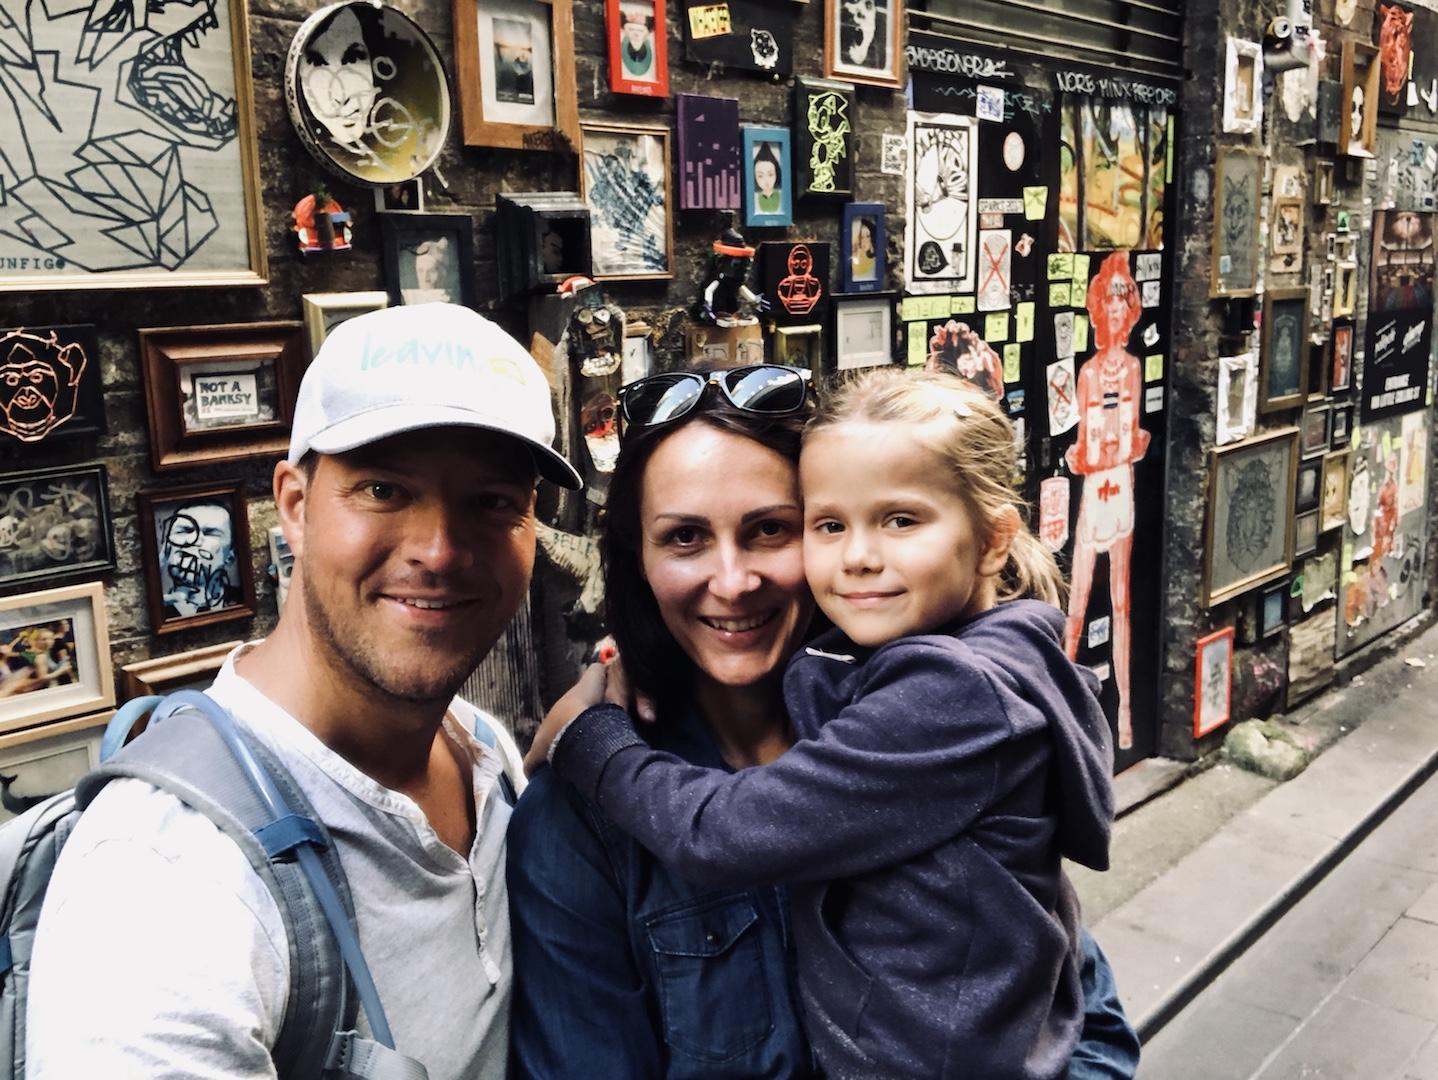 Familie in Melbourne vor einer Streetart, Melbourne, Australien